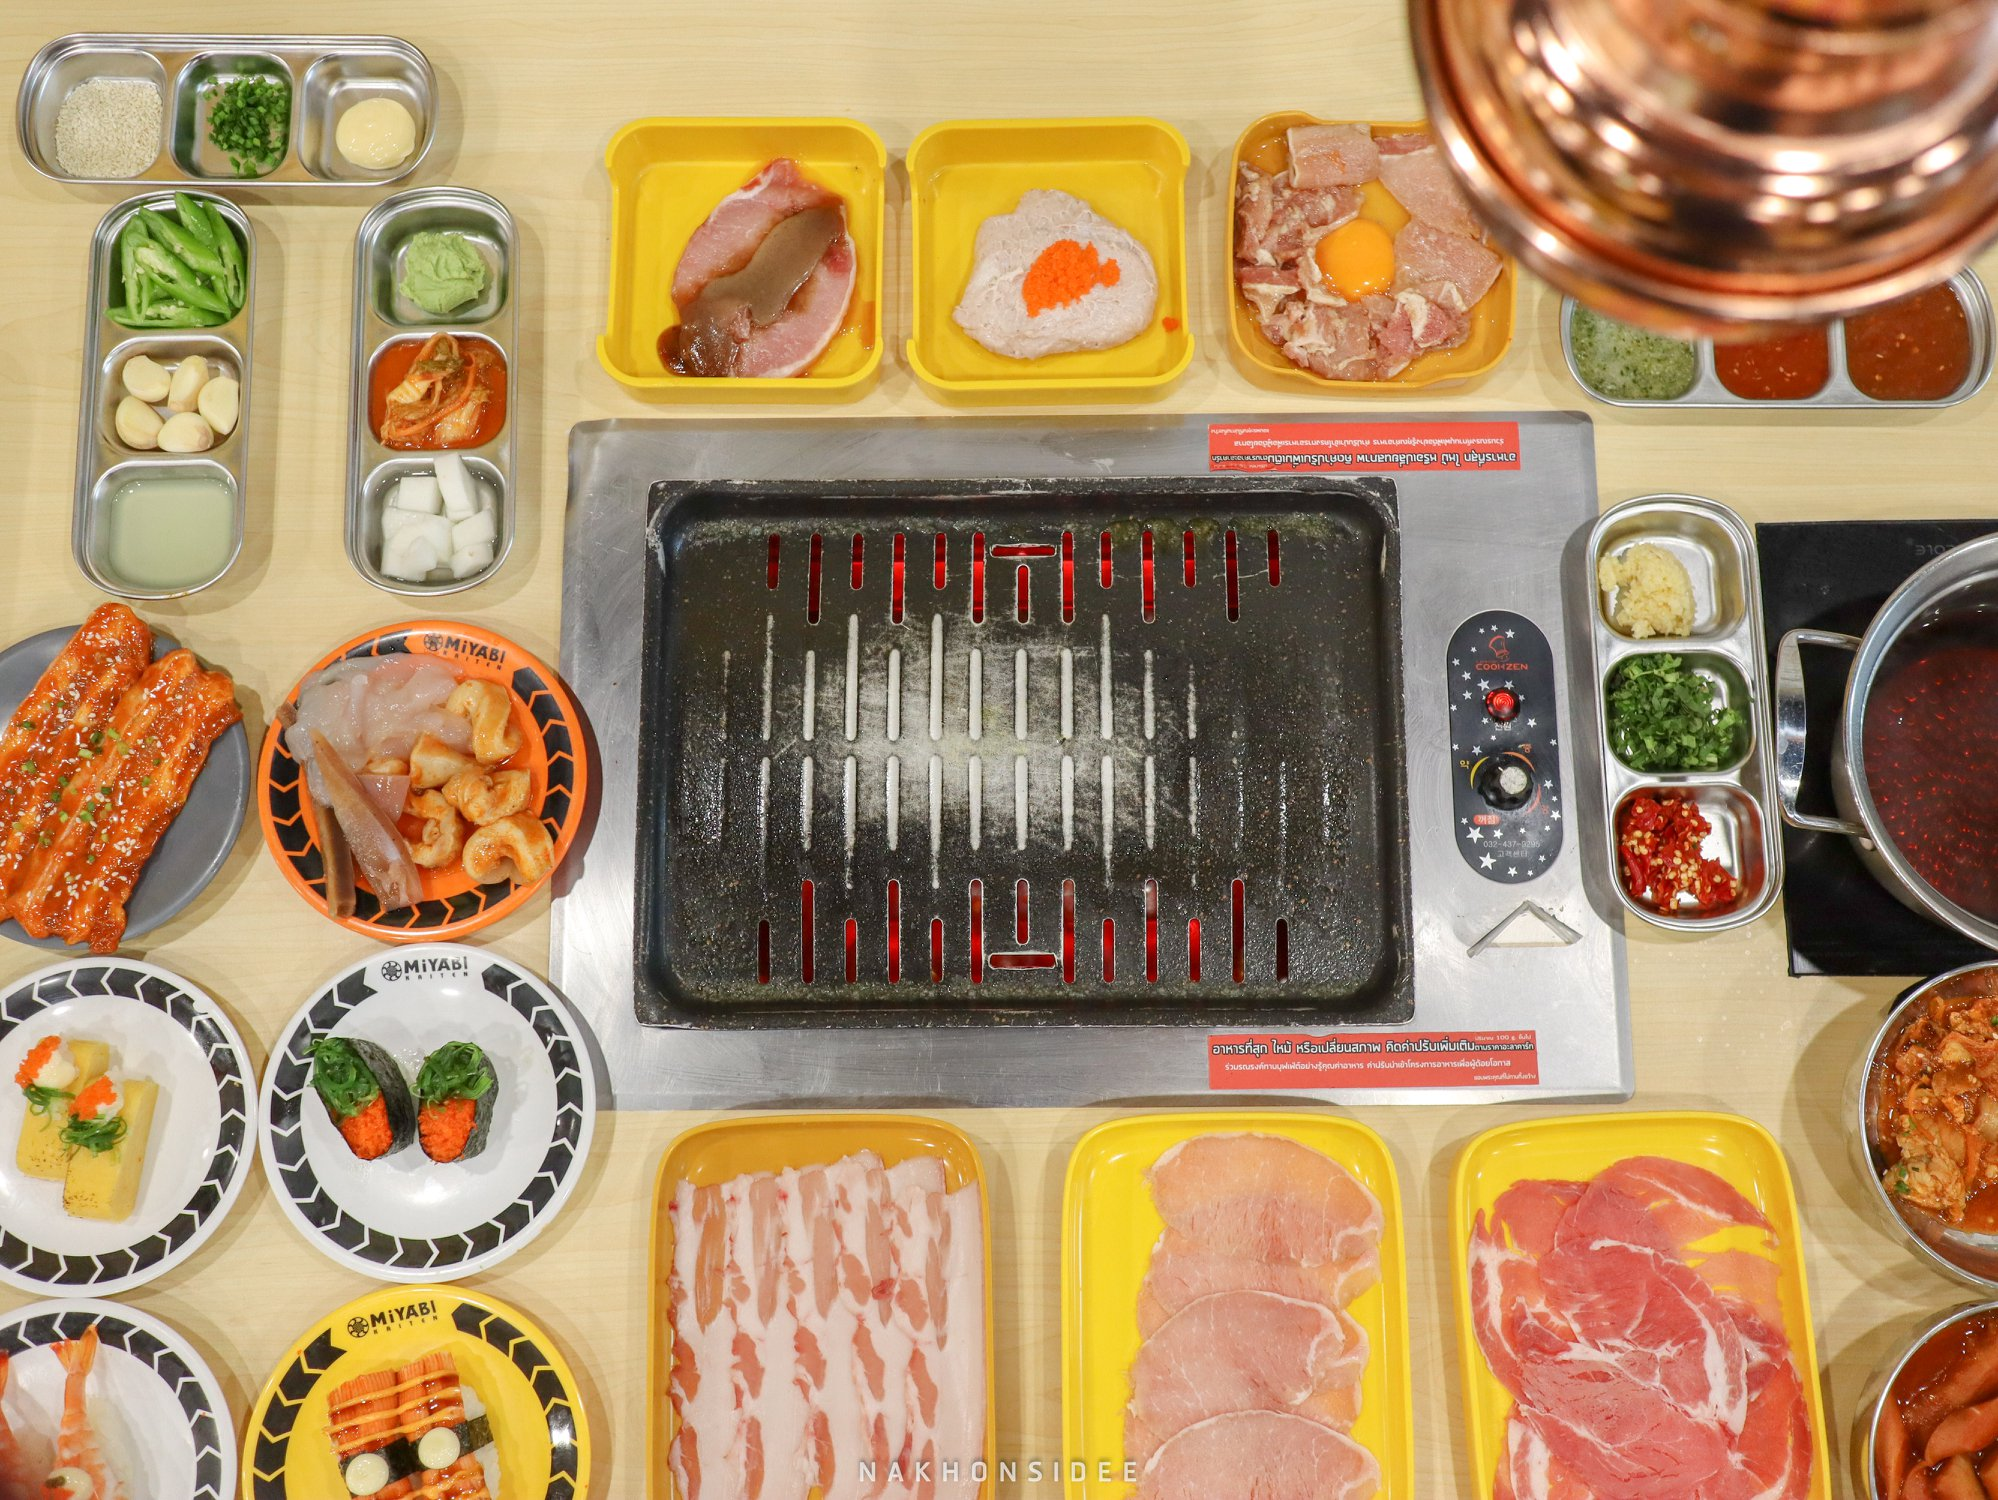 ชาบู,ปิ้งย่าง,โซลเสตชั่น,นครศรี,อร่อย,ห้าง,สหไทยพลาซ่า,เกาหลี